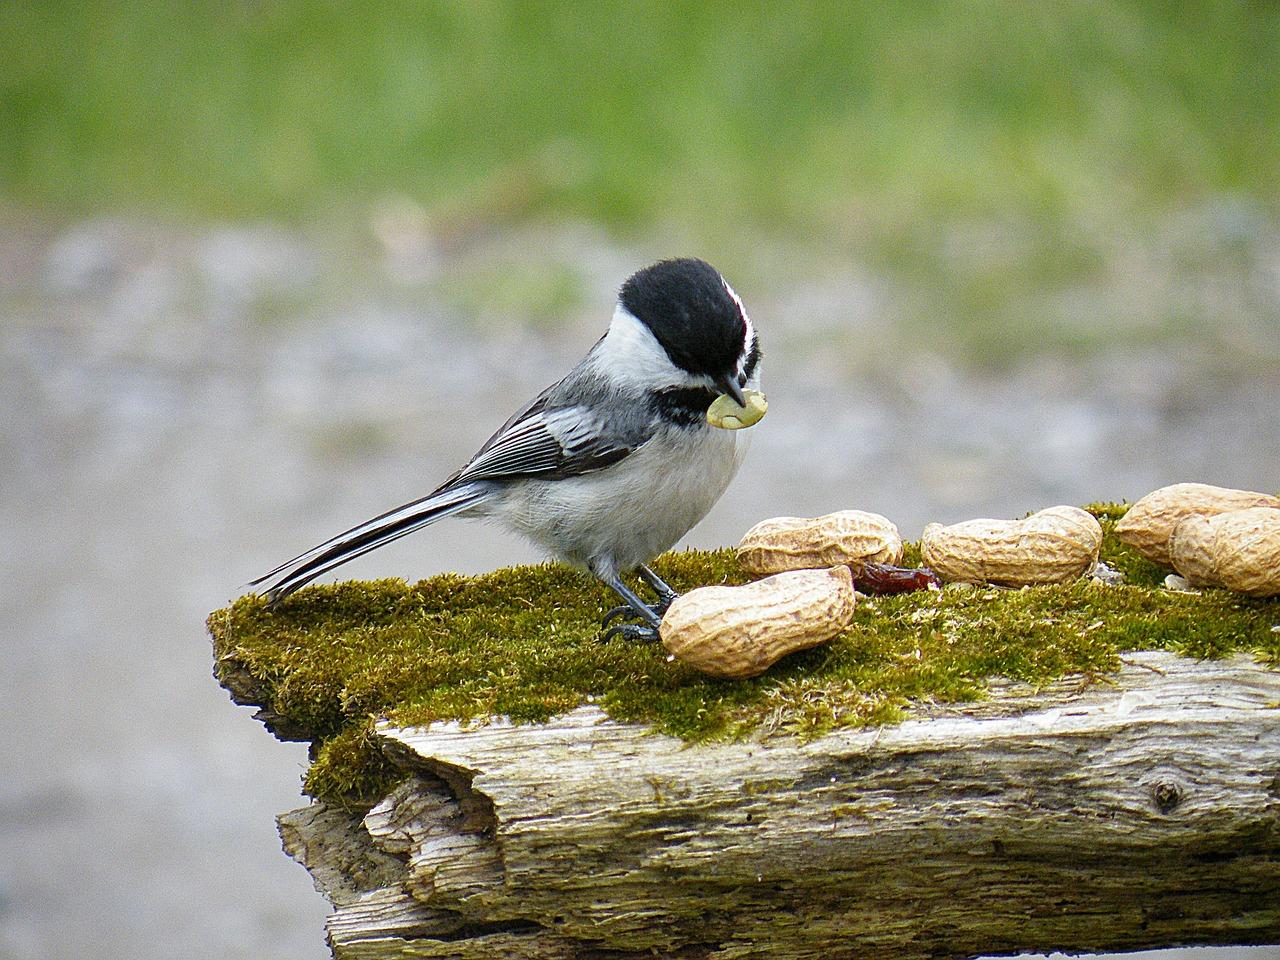 bird-278314_1280